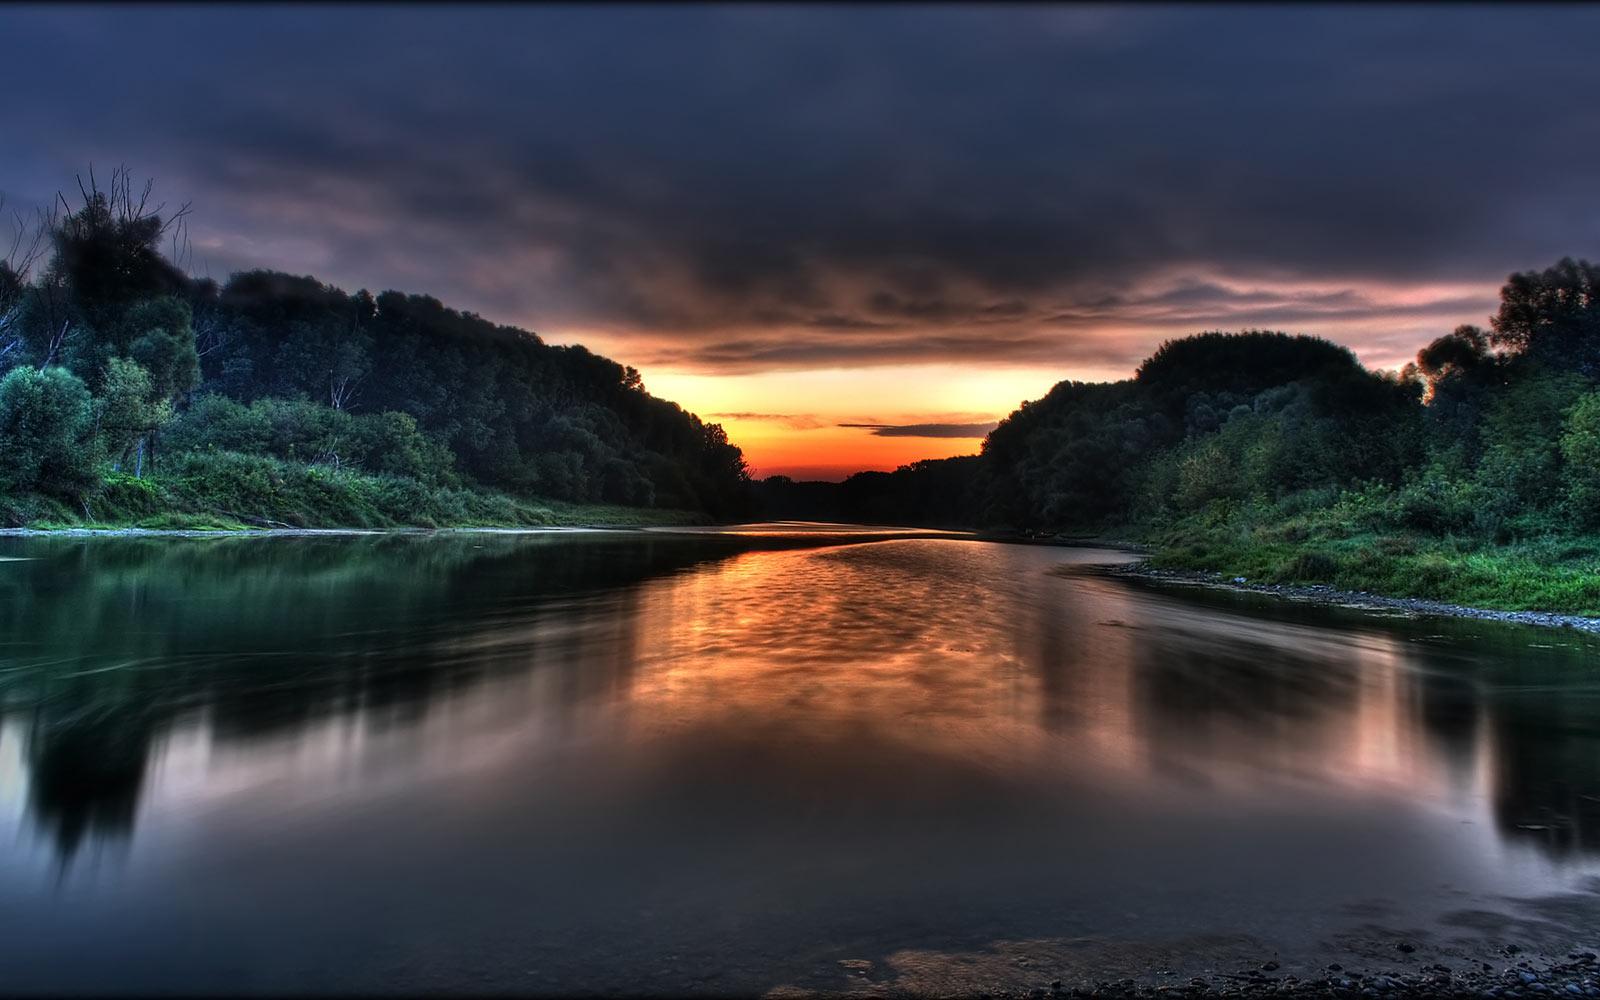 بالصور صور مناظر جميلة , احلى المناظر الطبيعية 4243